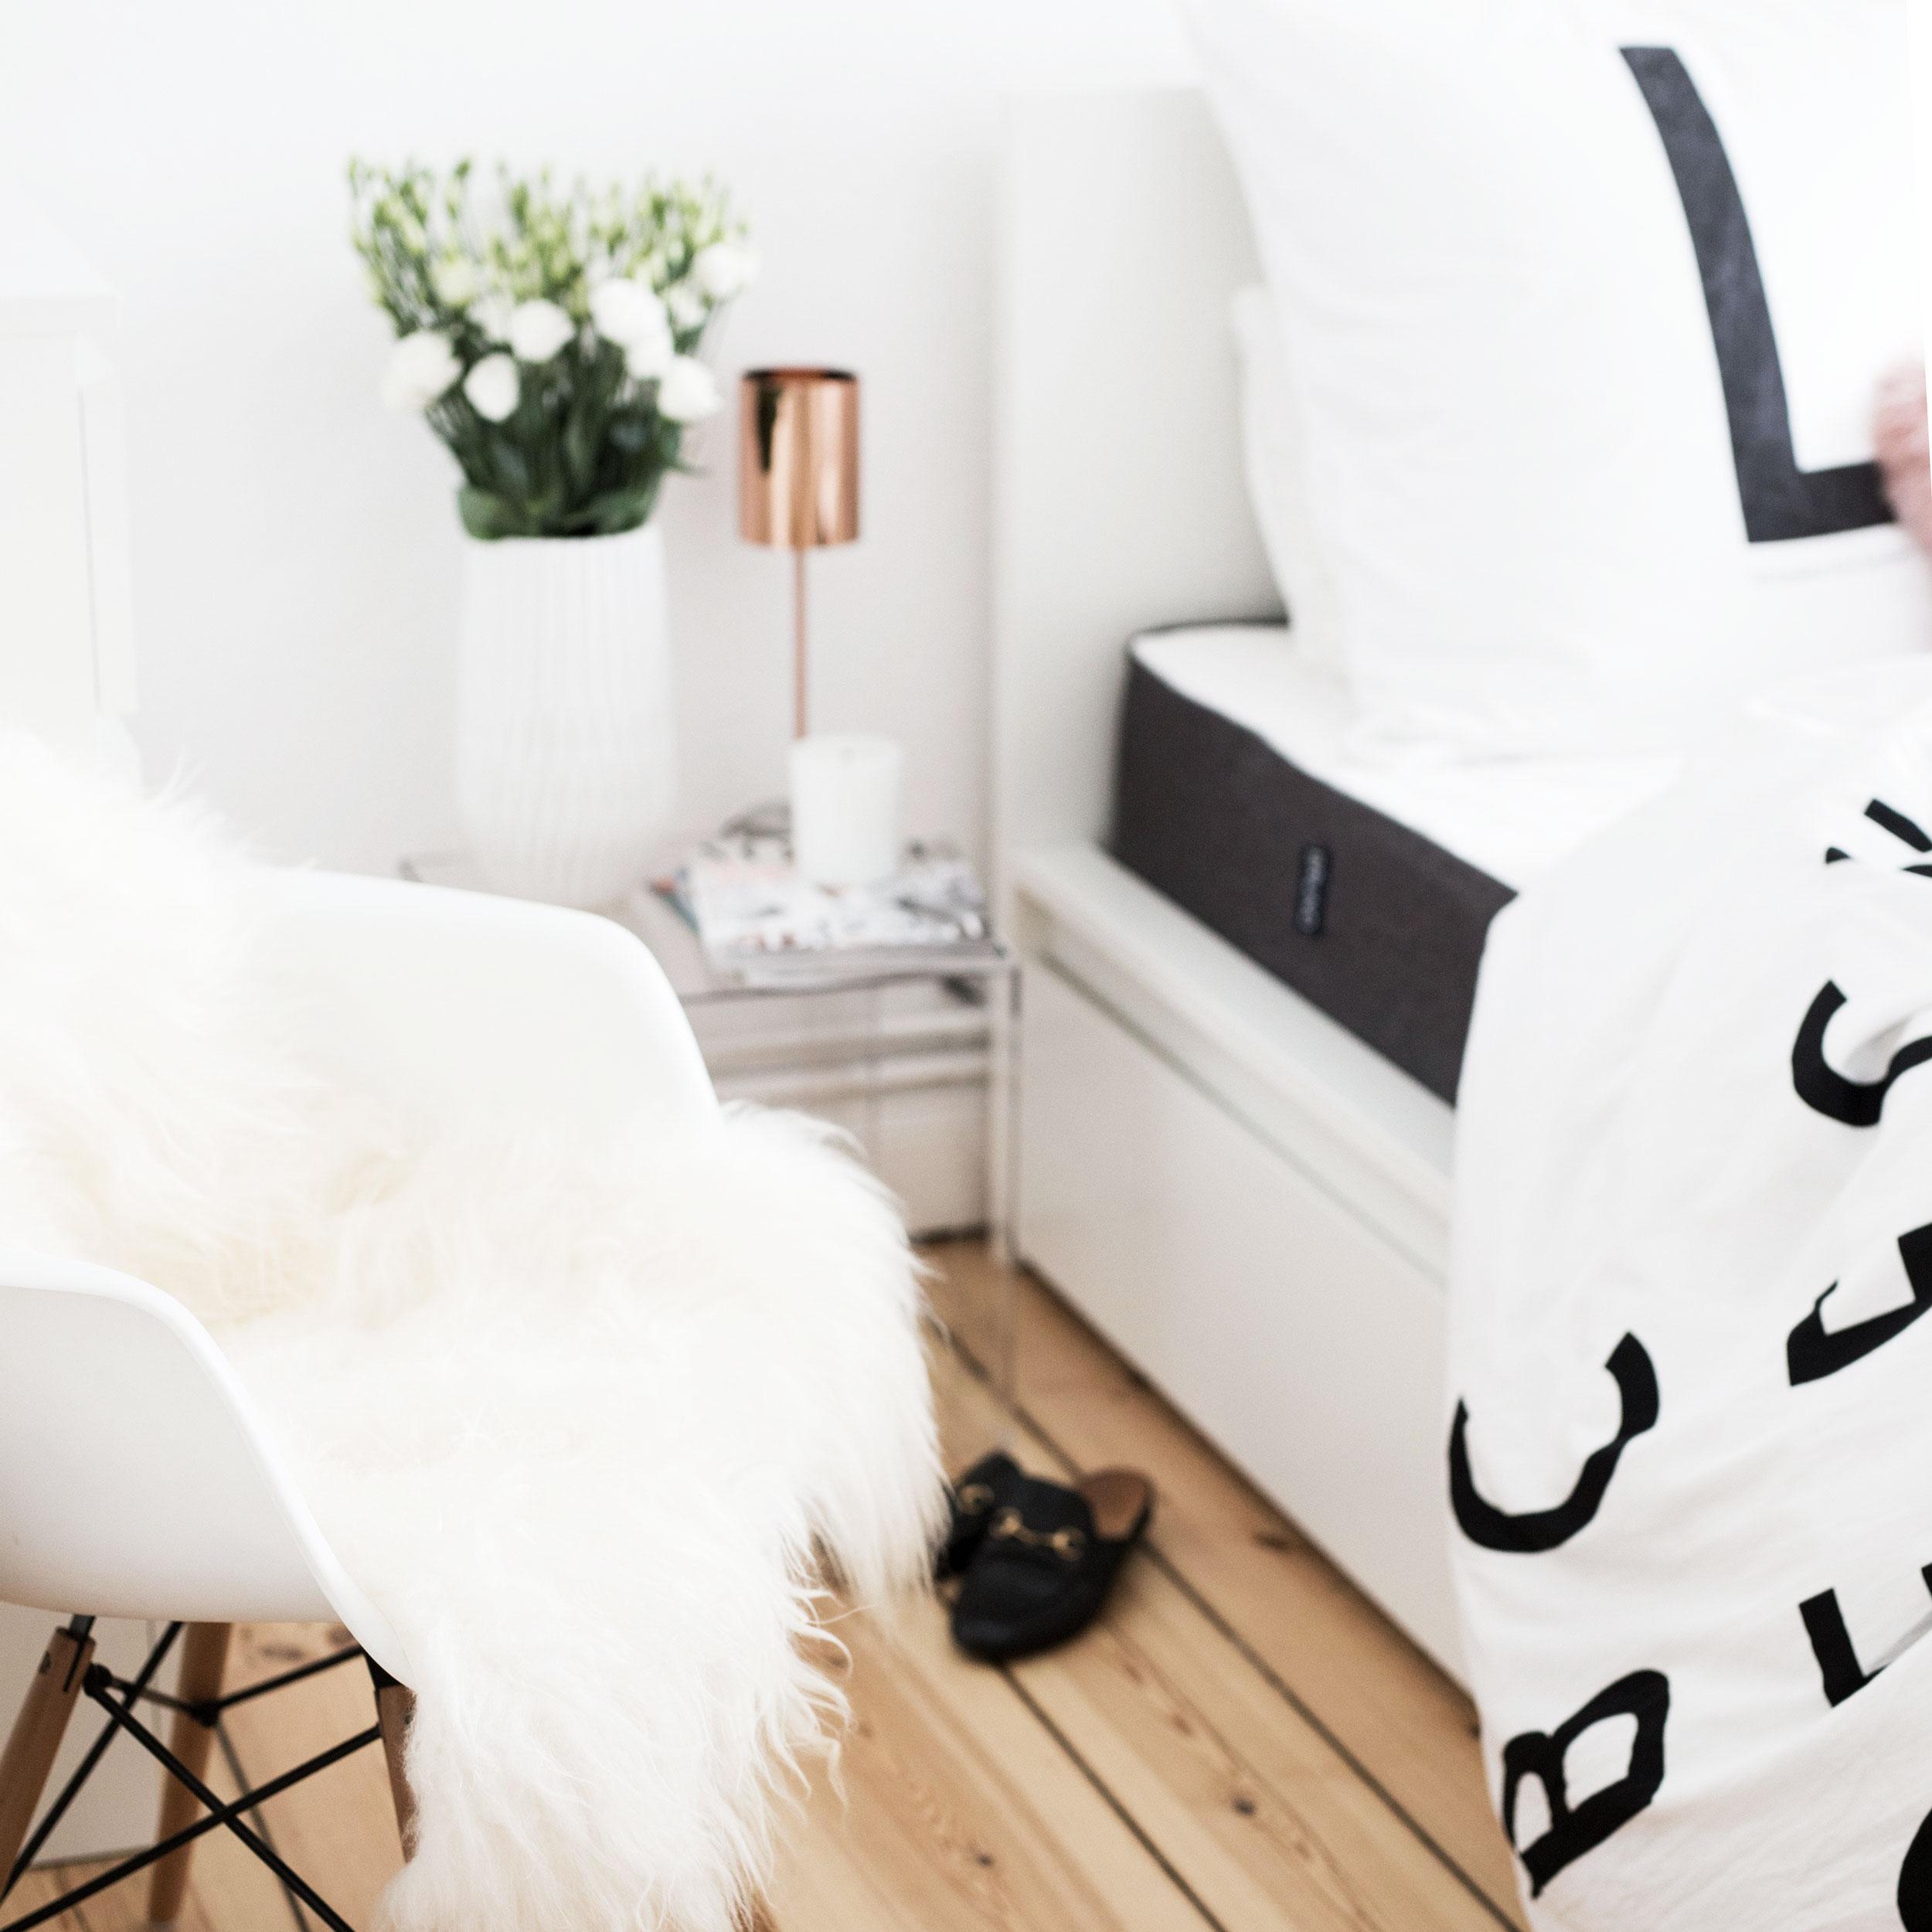 Meine Tipps für einen besseren Schlaf: Wie ich es schaffe, auch mit wenig Zeit besser zu schlafen